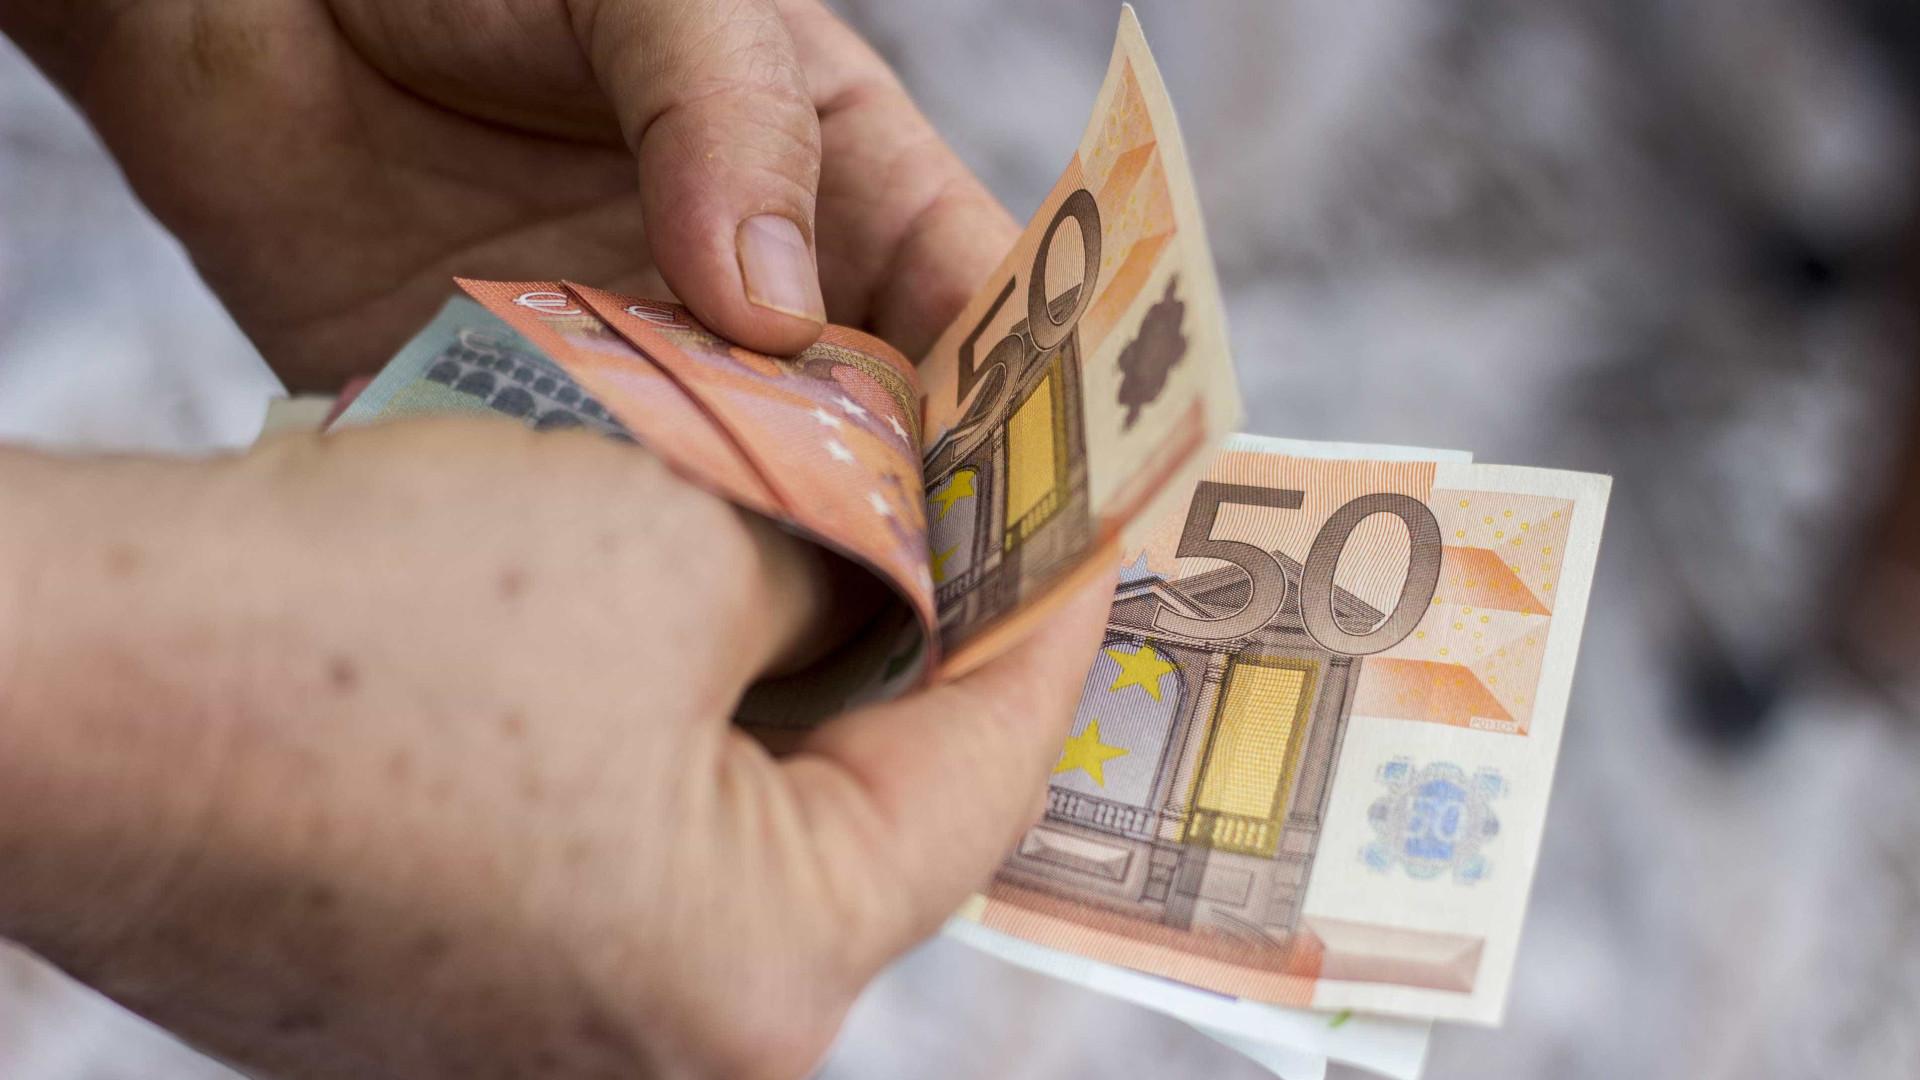 """Aumentos salariais de 0,7% são proposta """"miserabilista"""", dizem bancários"""